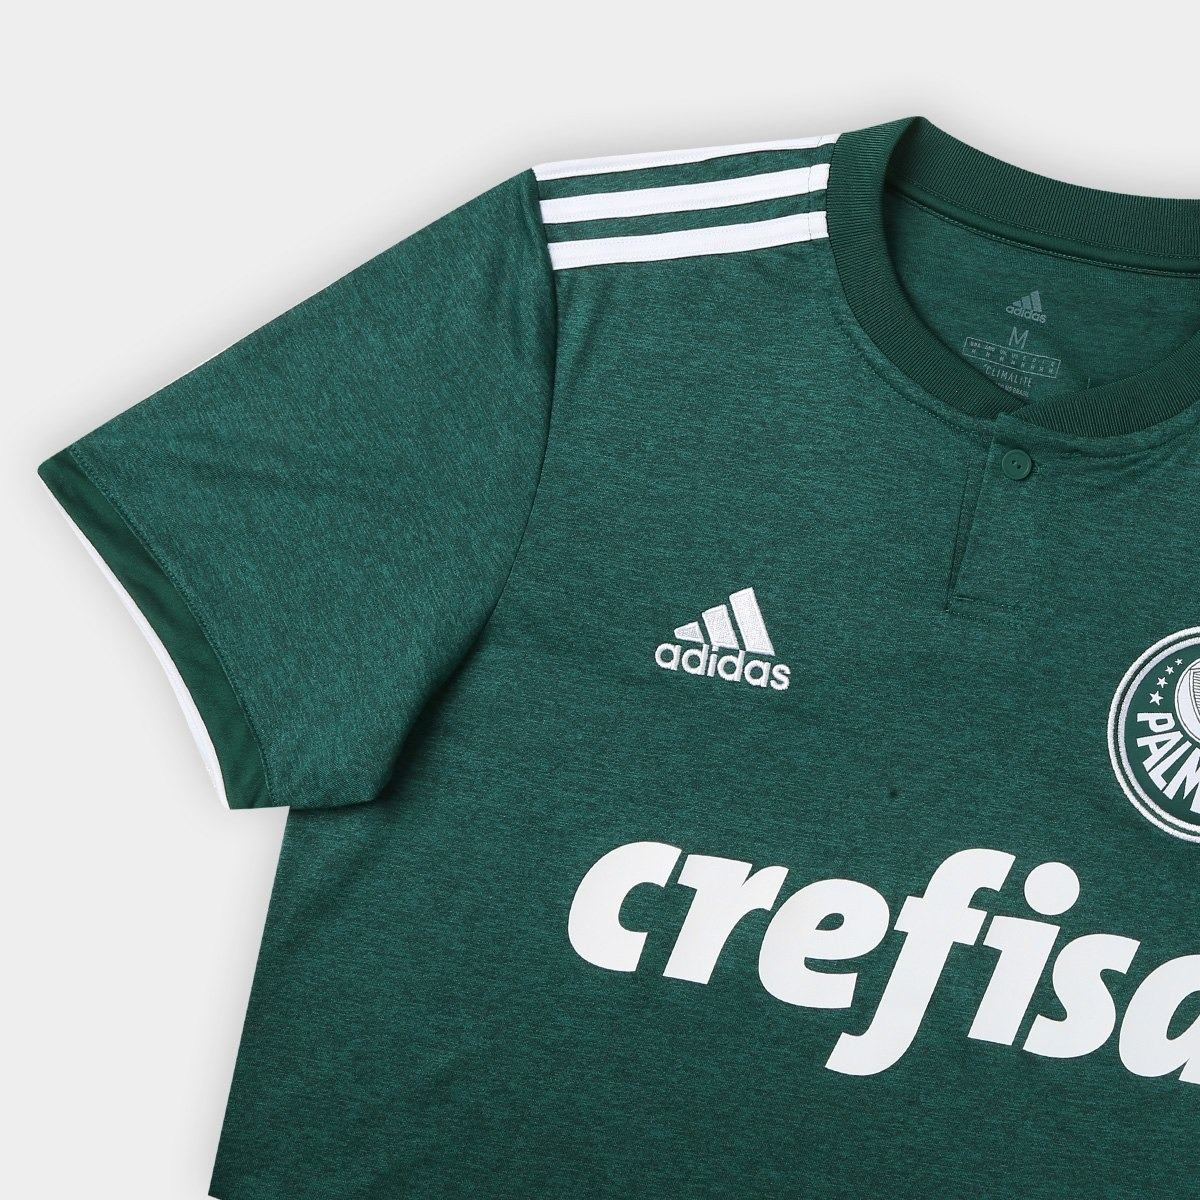 1ad814e0a5c73 nova camisa palmeiras oficial adidas original pronta entrega. Carregando  zoom.